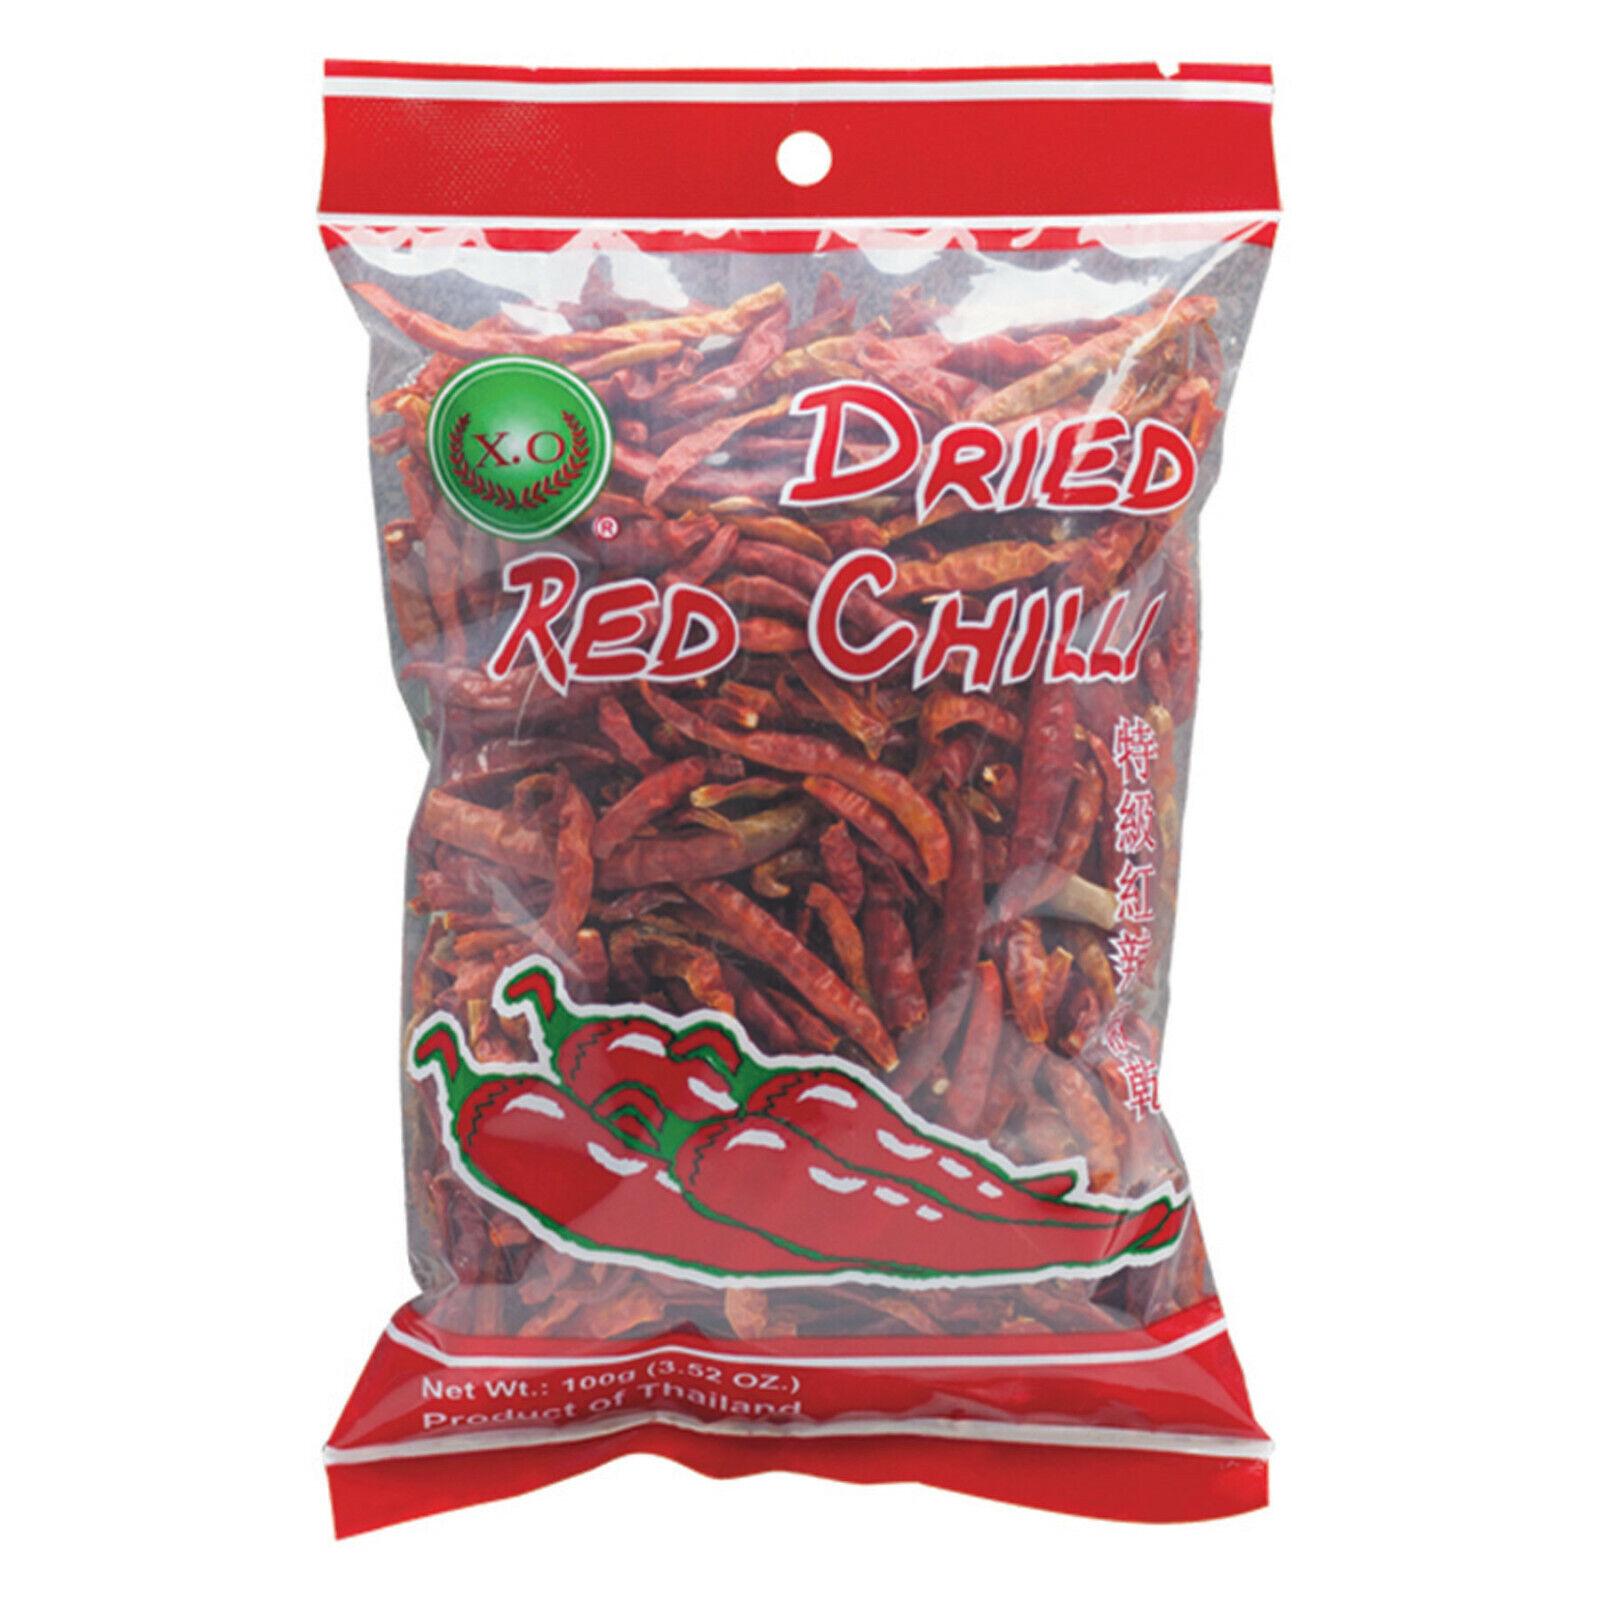 100g getrocknete rote Chili Schoten X.O. Brand Dried Red Chilli ohne Zusatstoffe